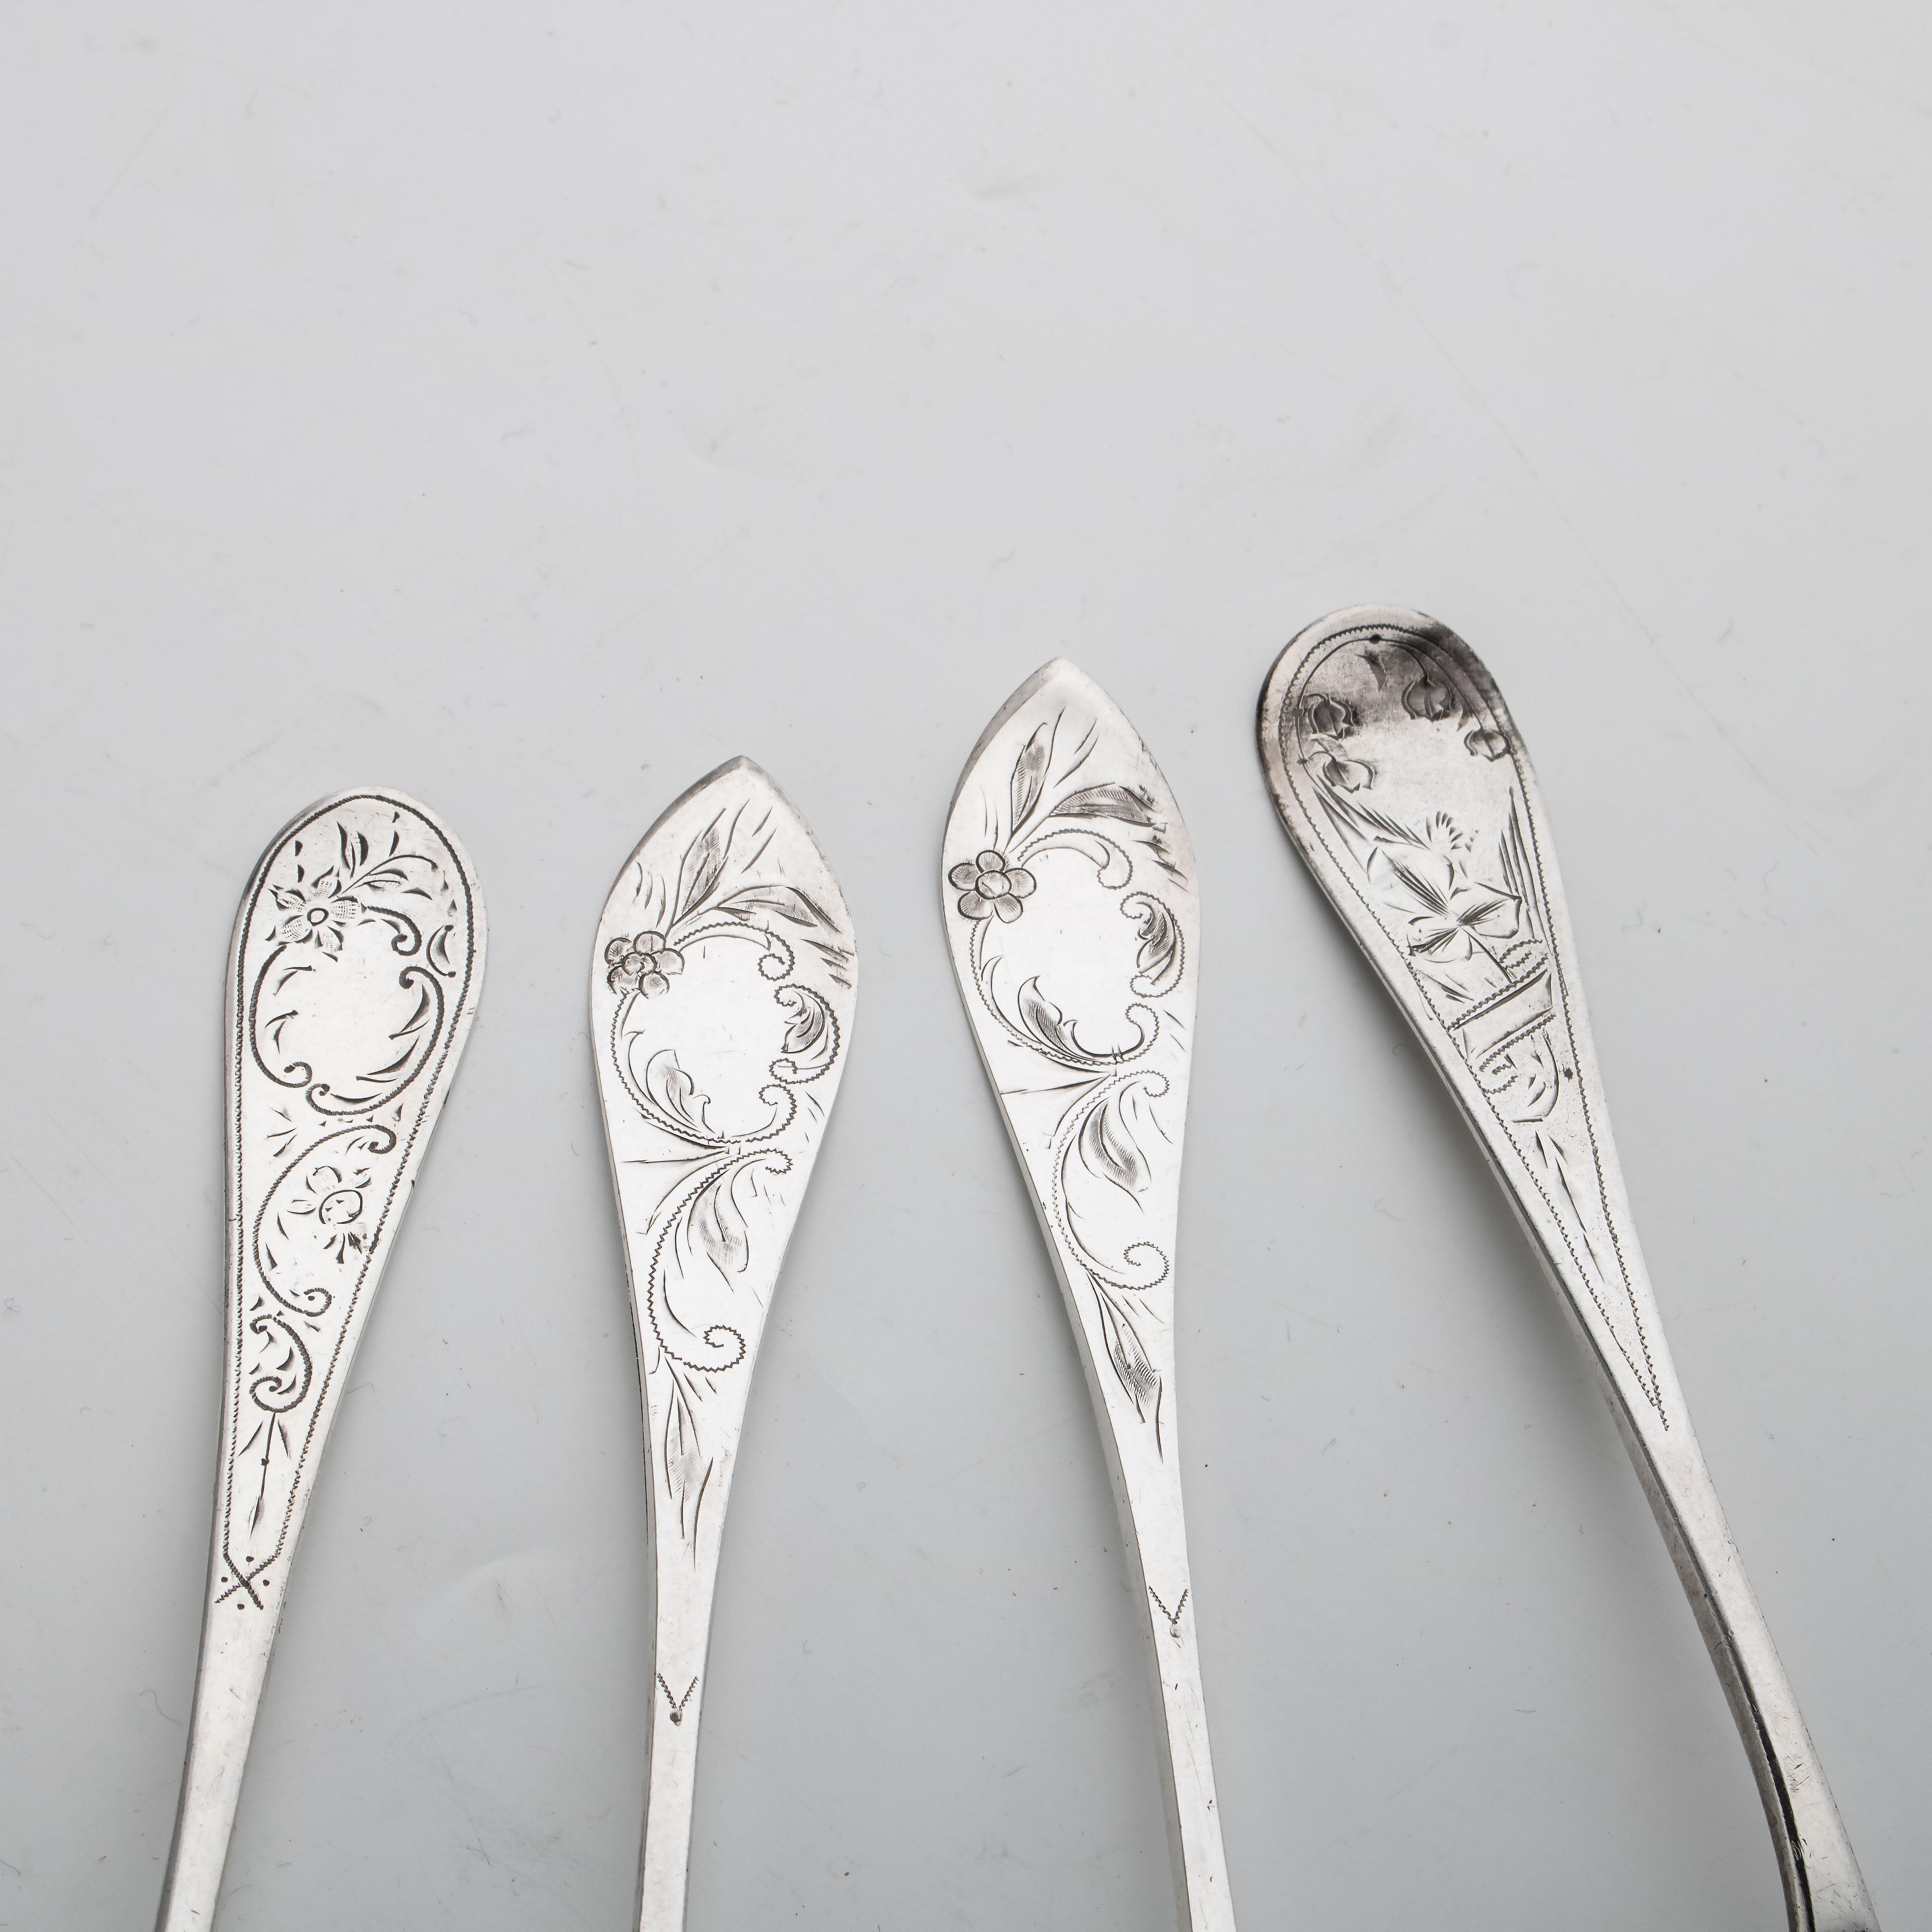 Samling spiseskjeer og -gaffel